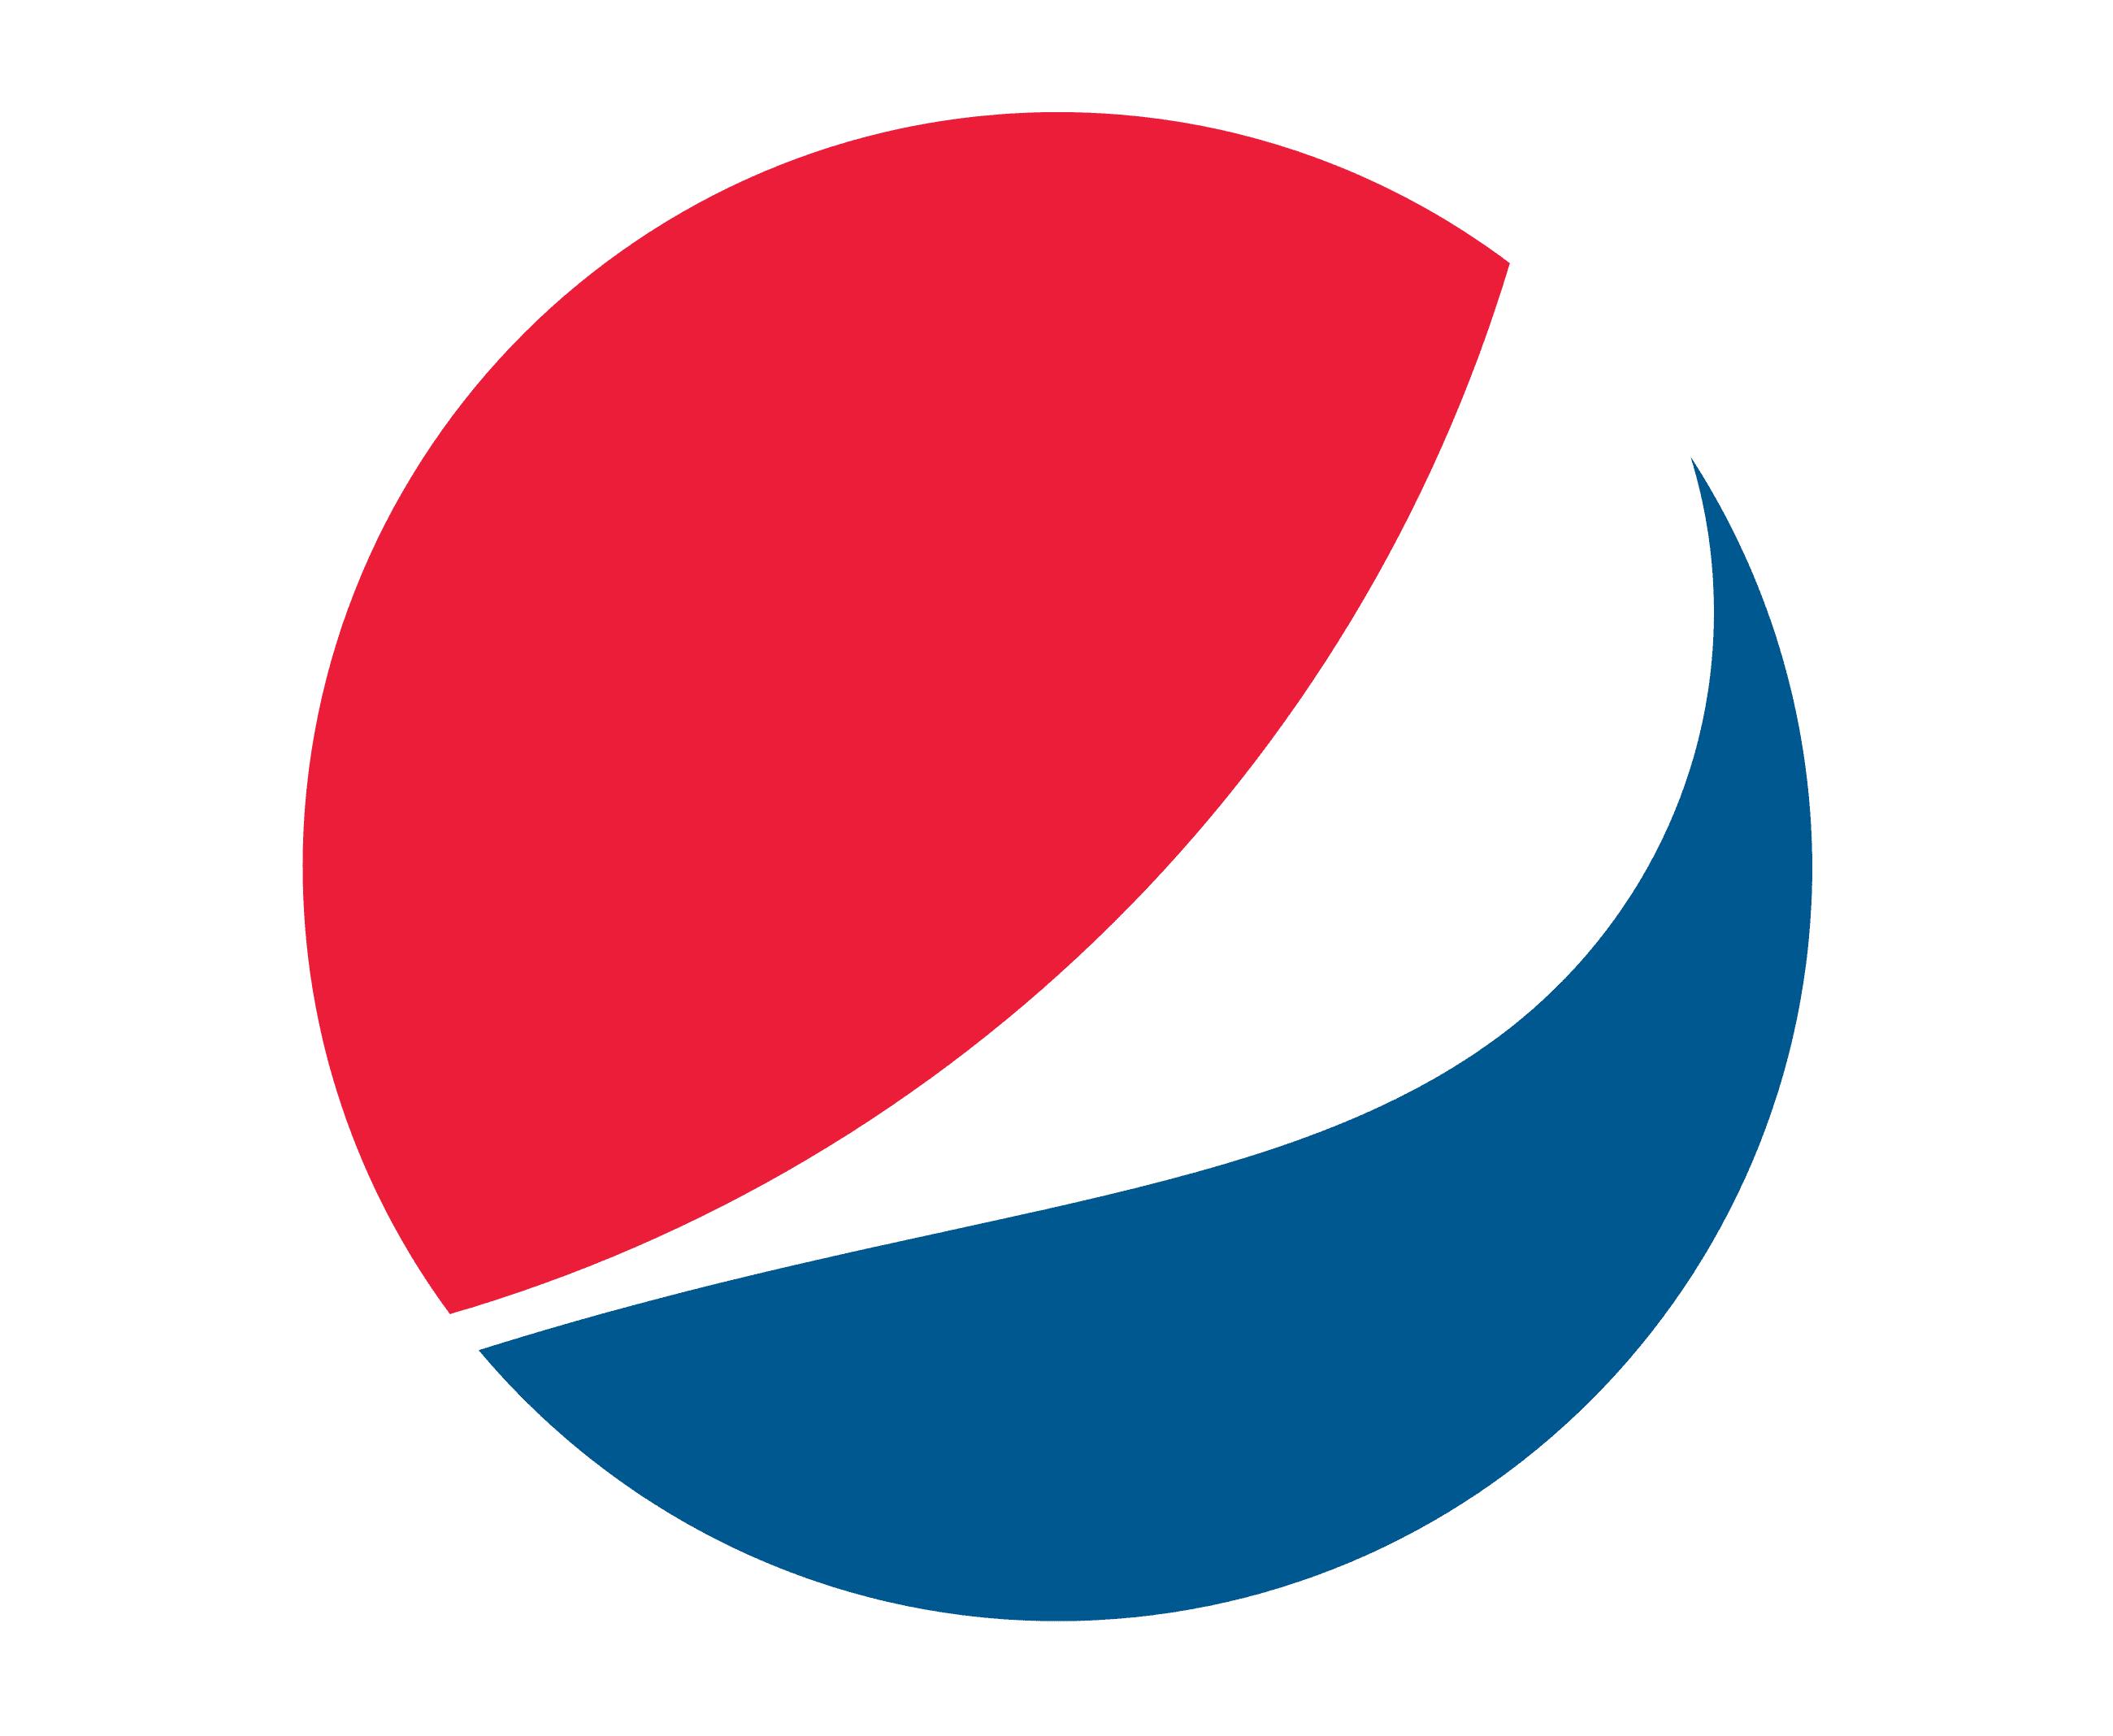 Significado del logo de Pepsi